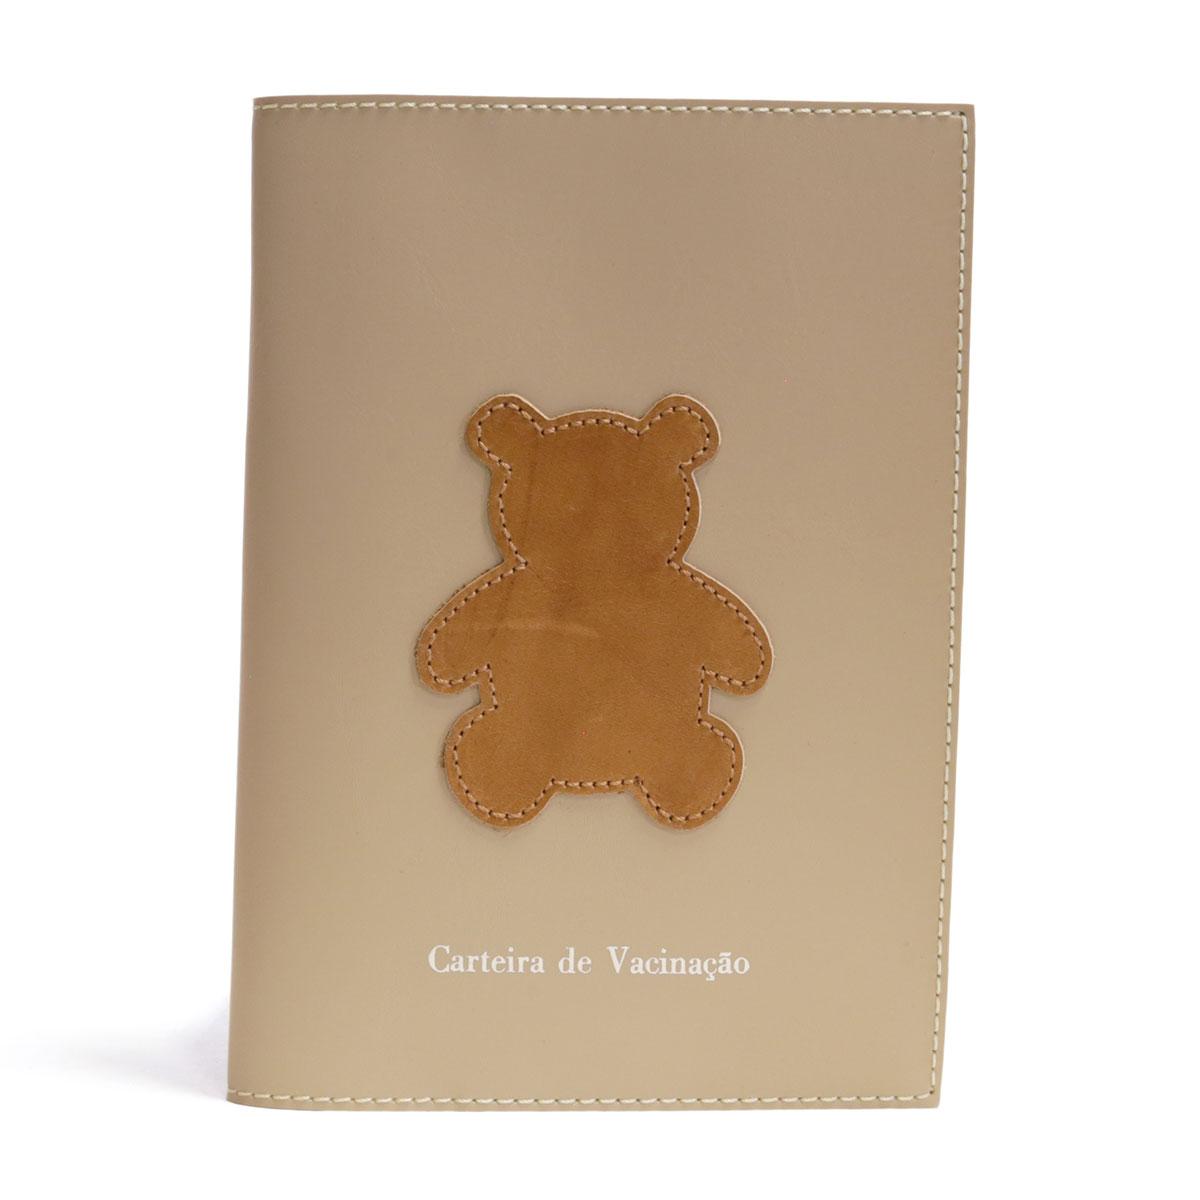 Porta carteira de vacinação (Urso Caramelo)